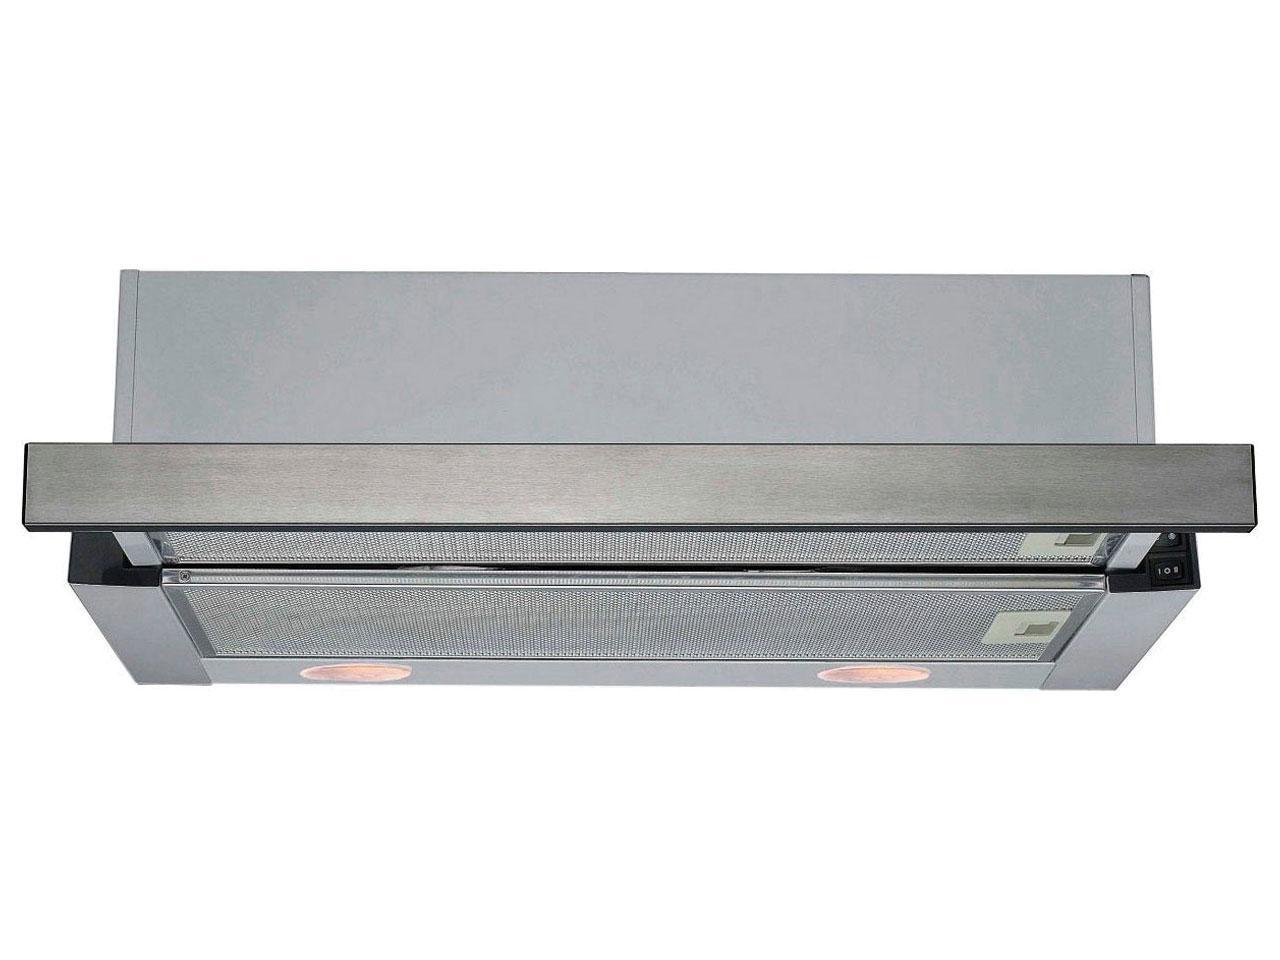 HANSEATIC SY-6002C-P3-C84-L32-600